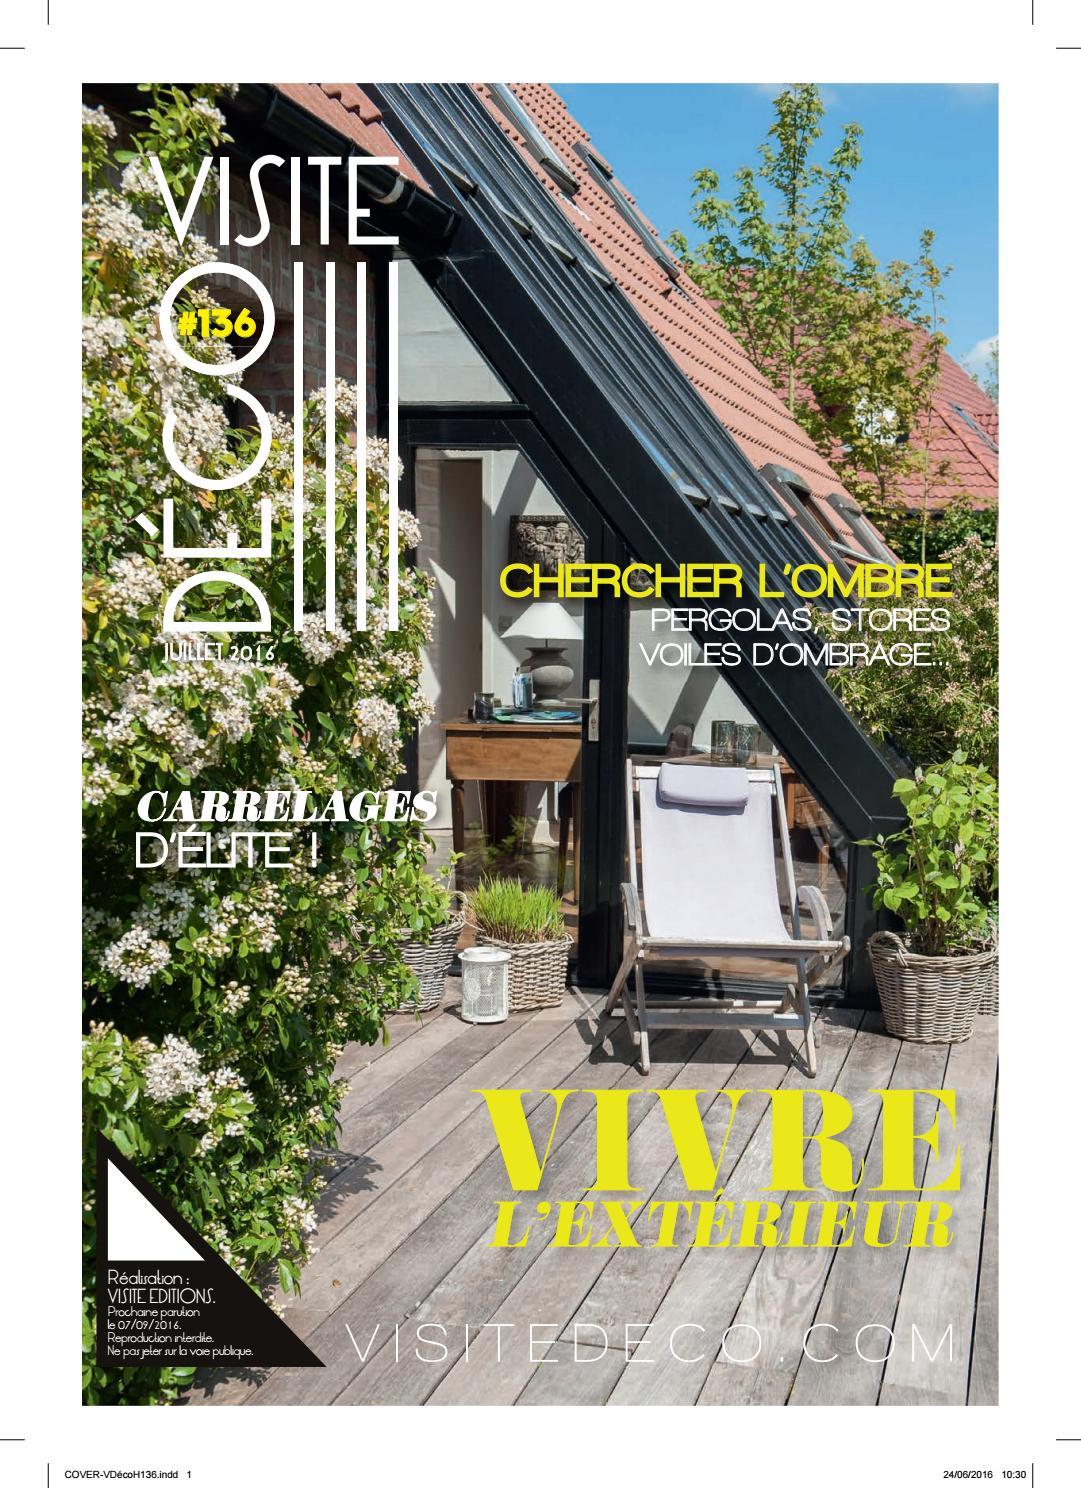 Visite Déco N°136 Édition Hainaut By Visite Editions -- - Issuu intérieur Serre De Jardin Adossee Solde Promotions